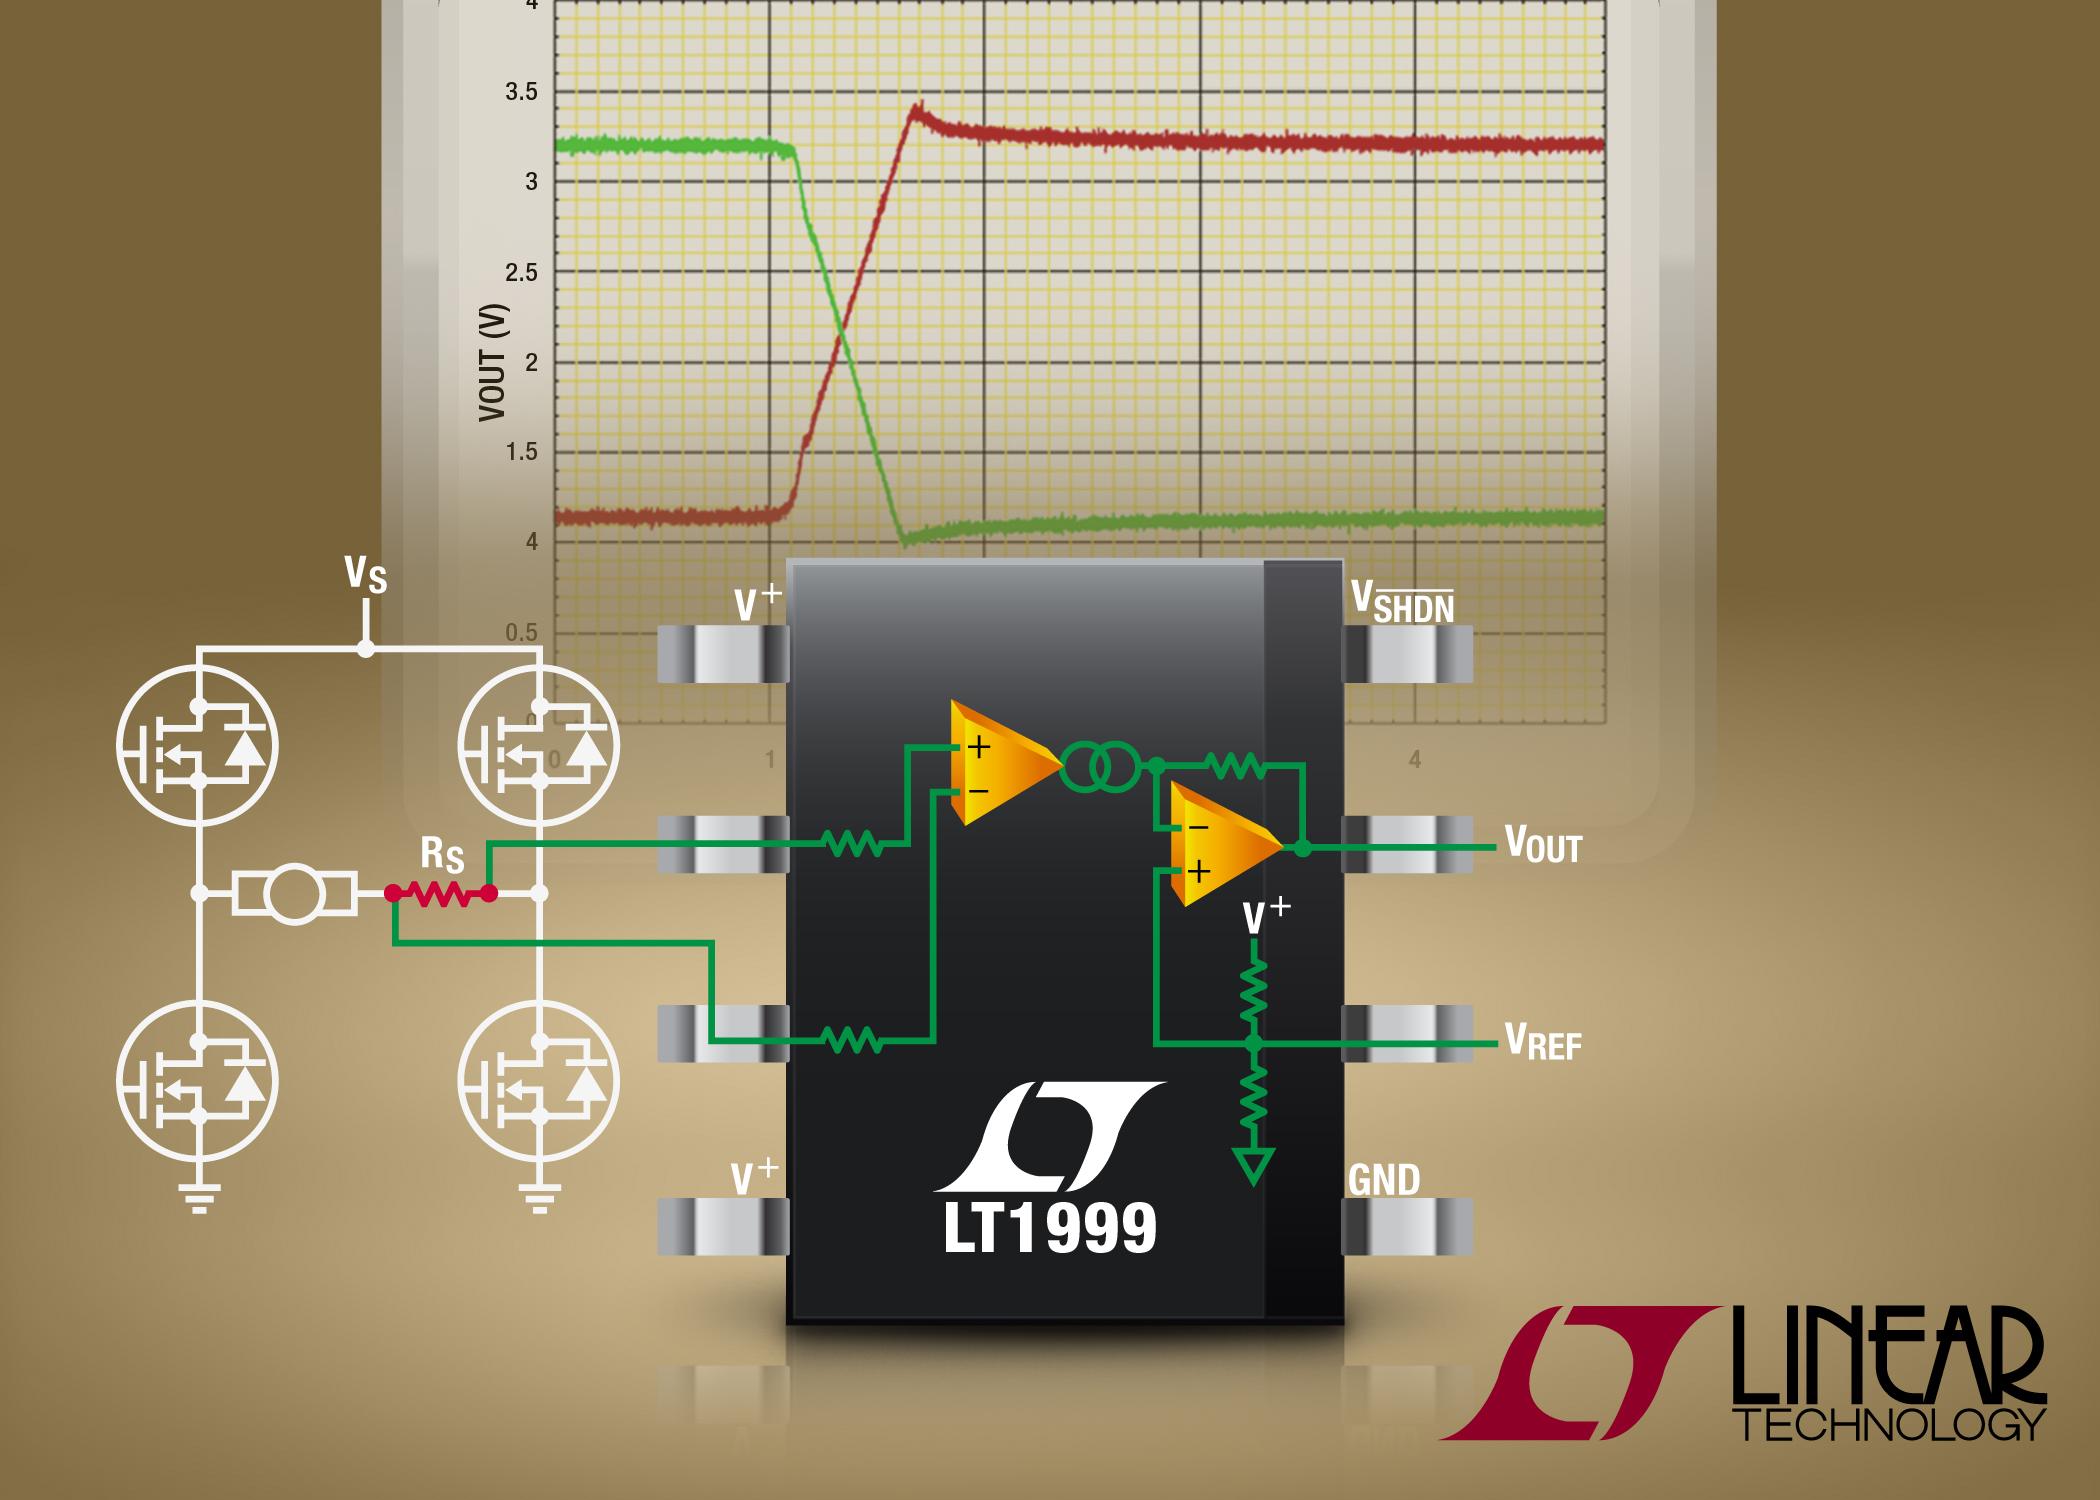 照片说明:适用于电动机和螺线管应用的准确双向电流检测